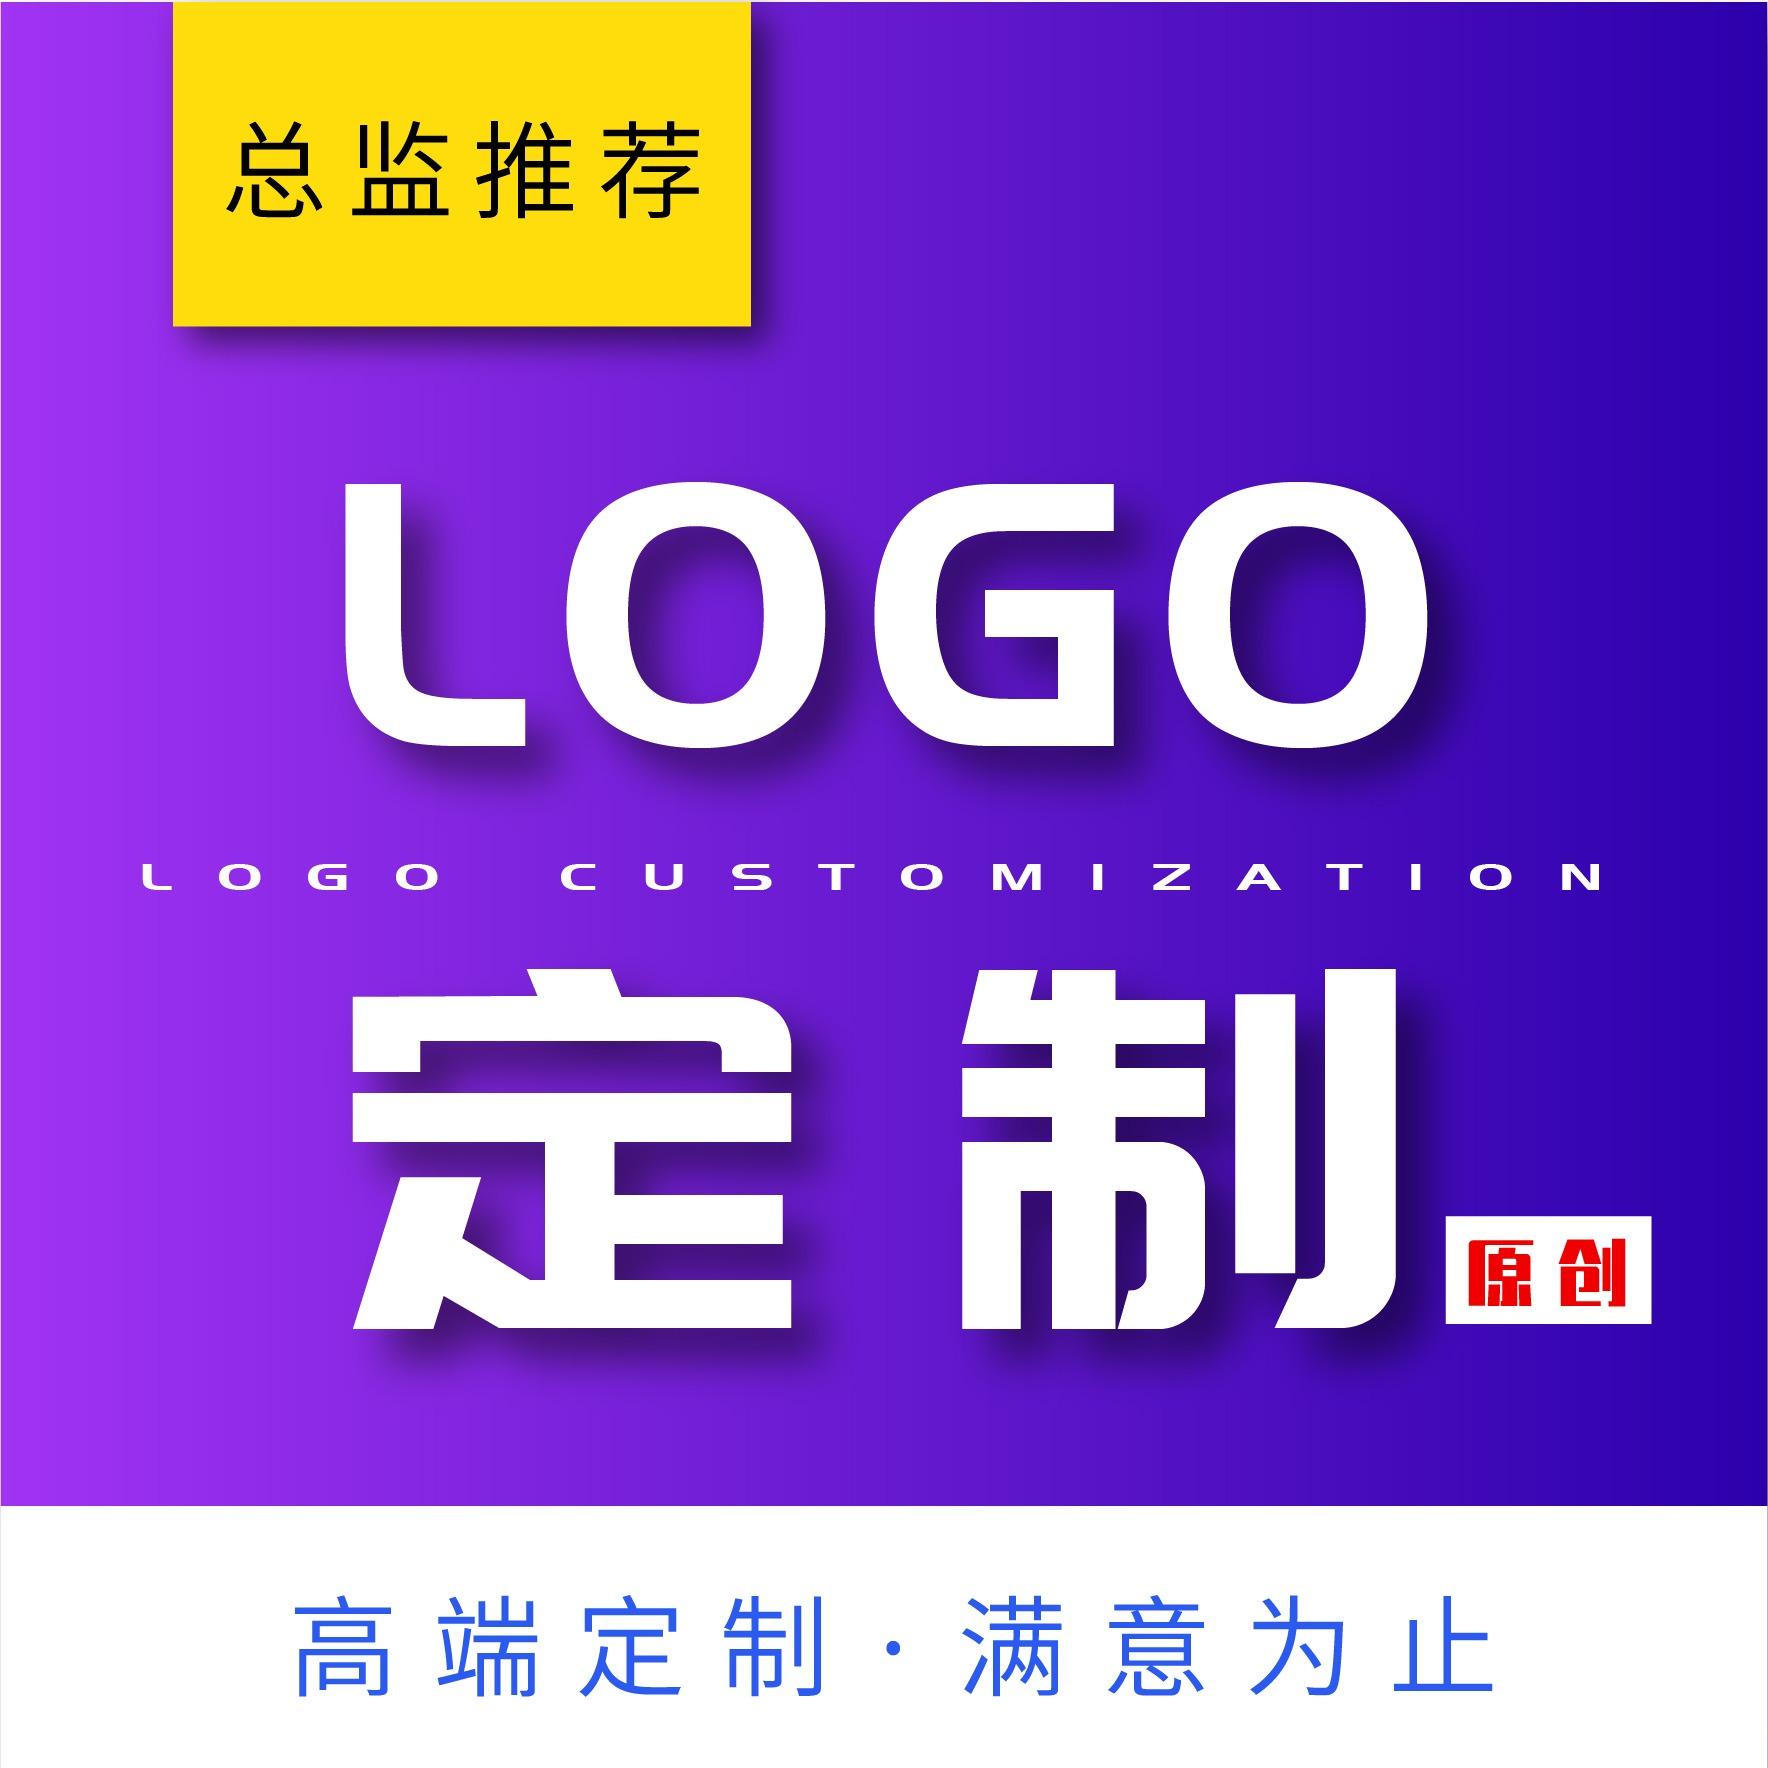 原创设计品牌婚礼 logo 剪影lougou制作定做纹身设计名字